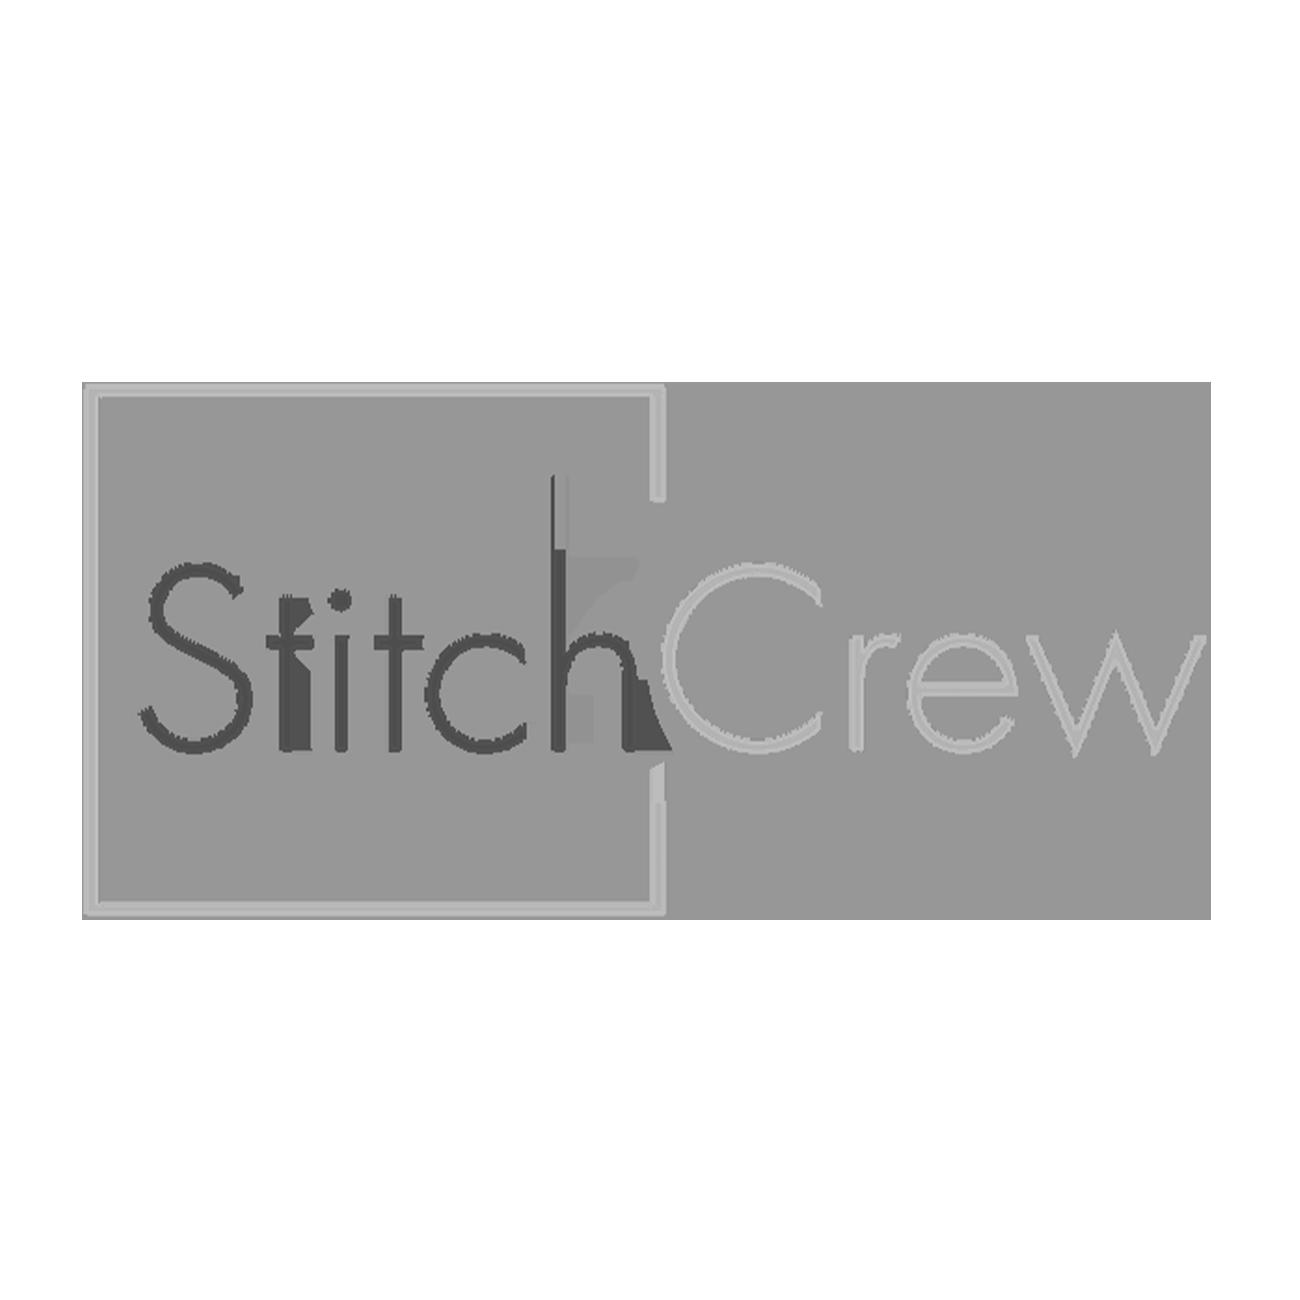 StitchCrew